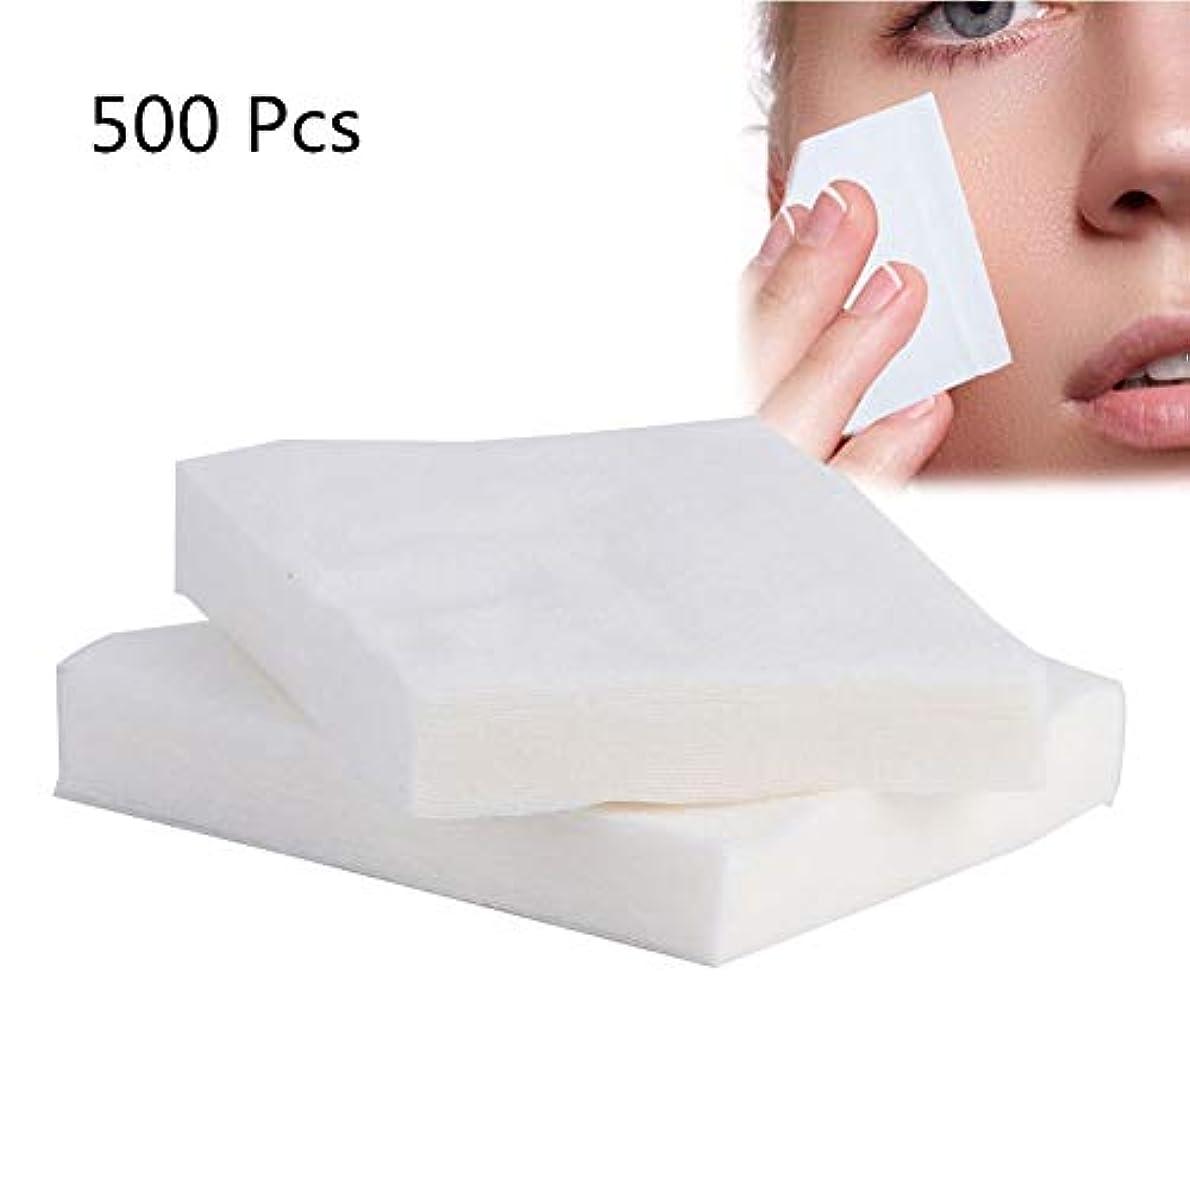 薬理学保持する経済500ピース綿棒、化粧用メイク落とし、洗顔、ウェット/ドライ/フェイス/メイク落とし用